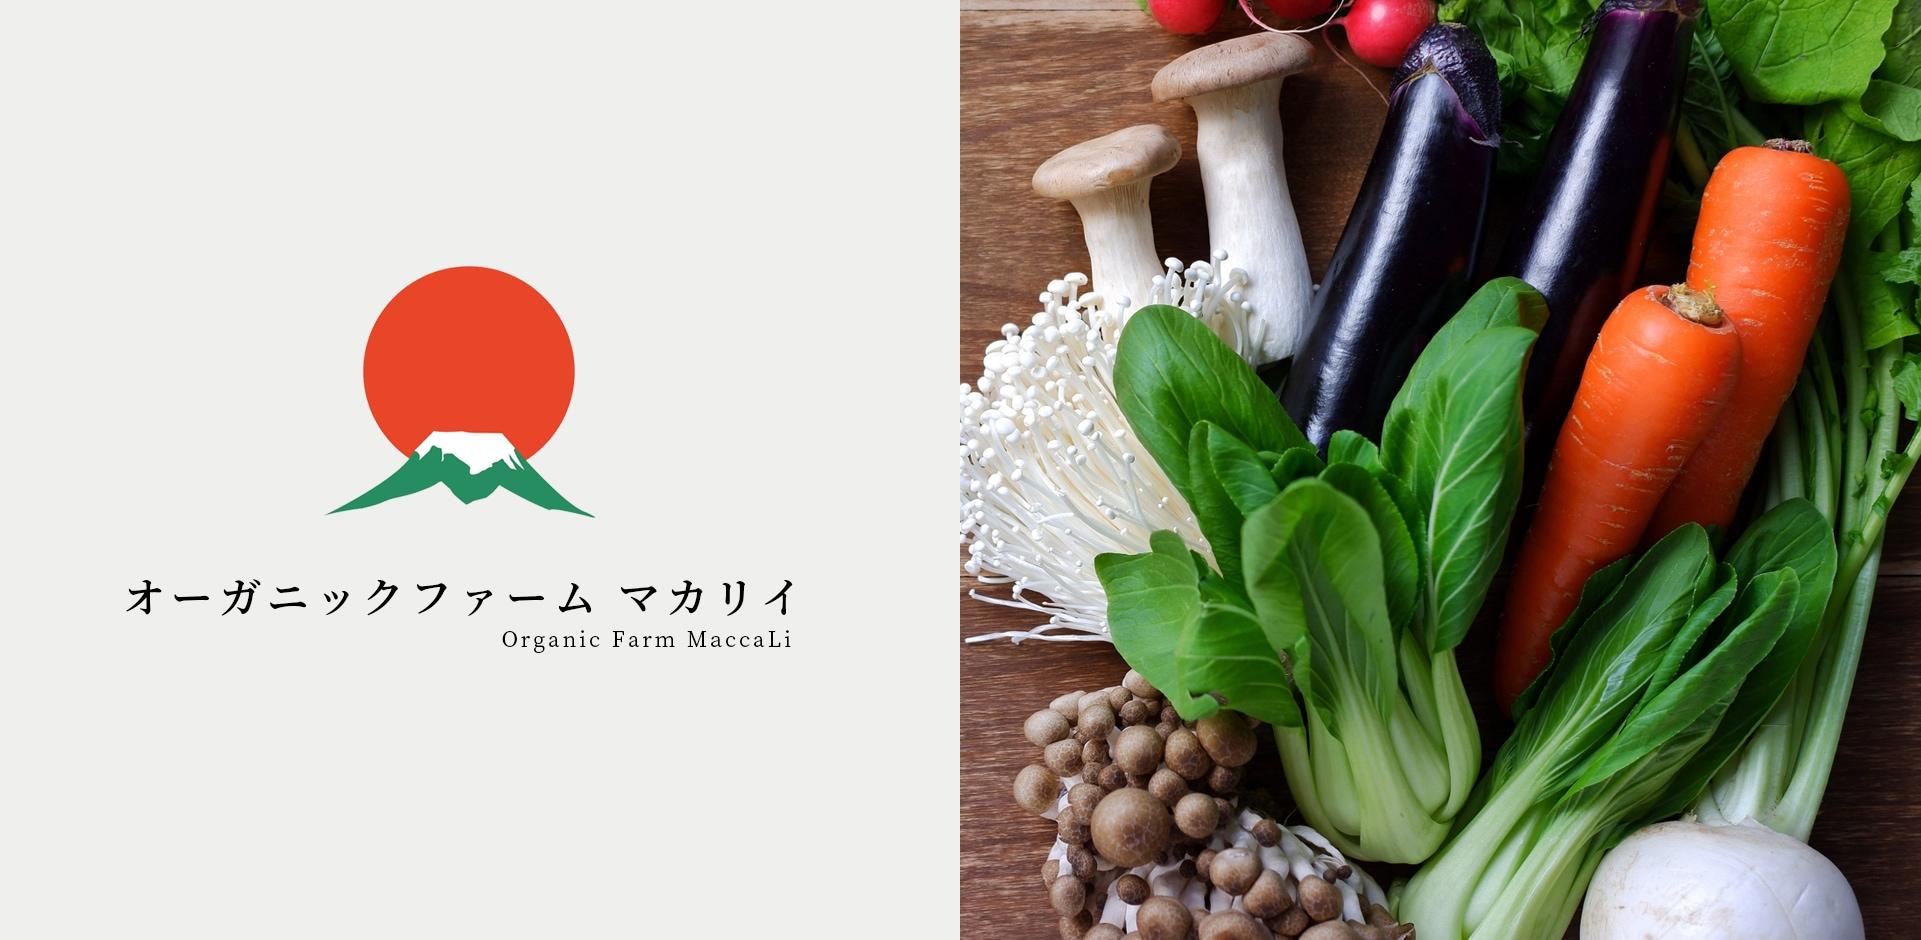 有機野菜・無農薬ならオーガニックファーム マカリイ通販